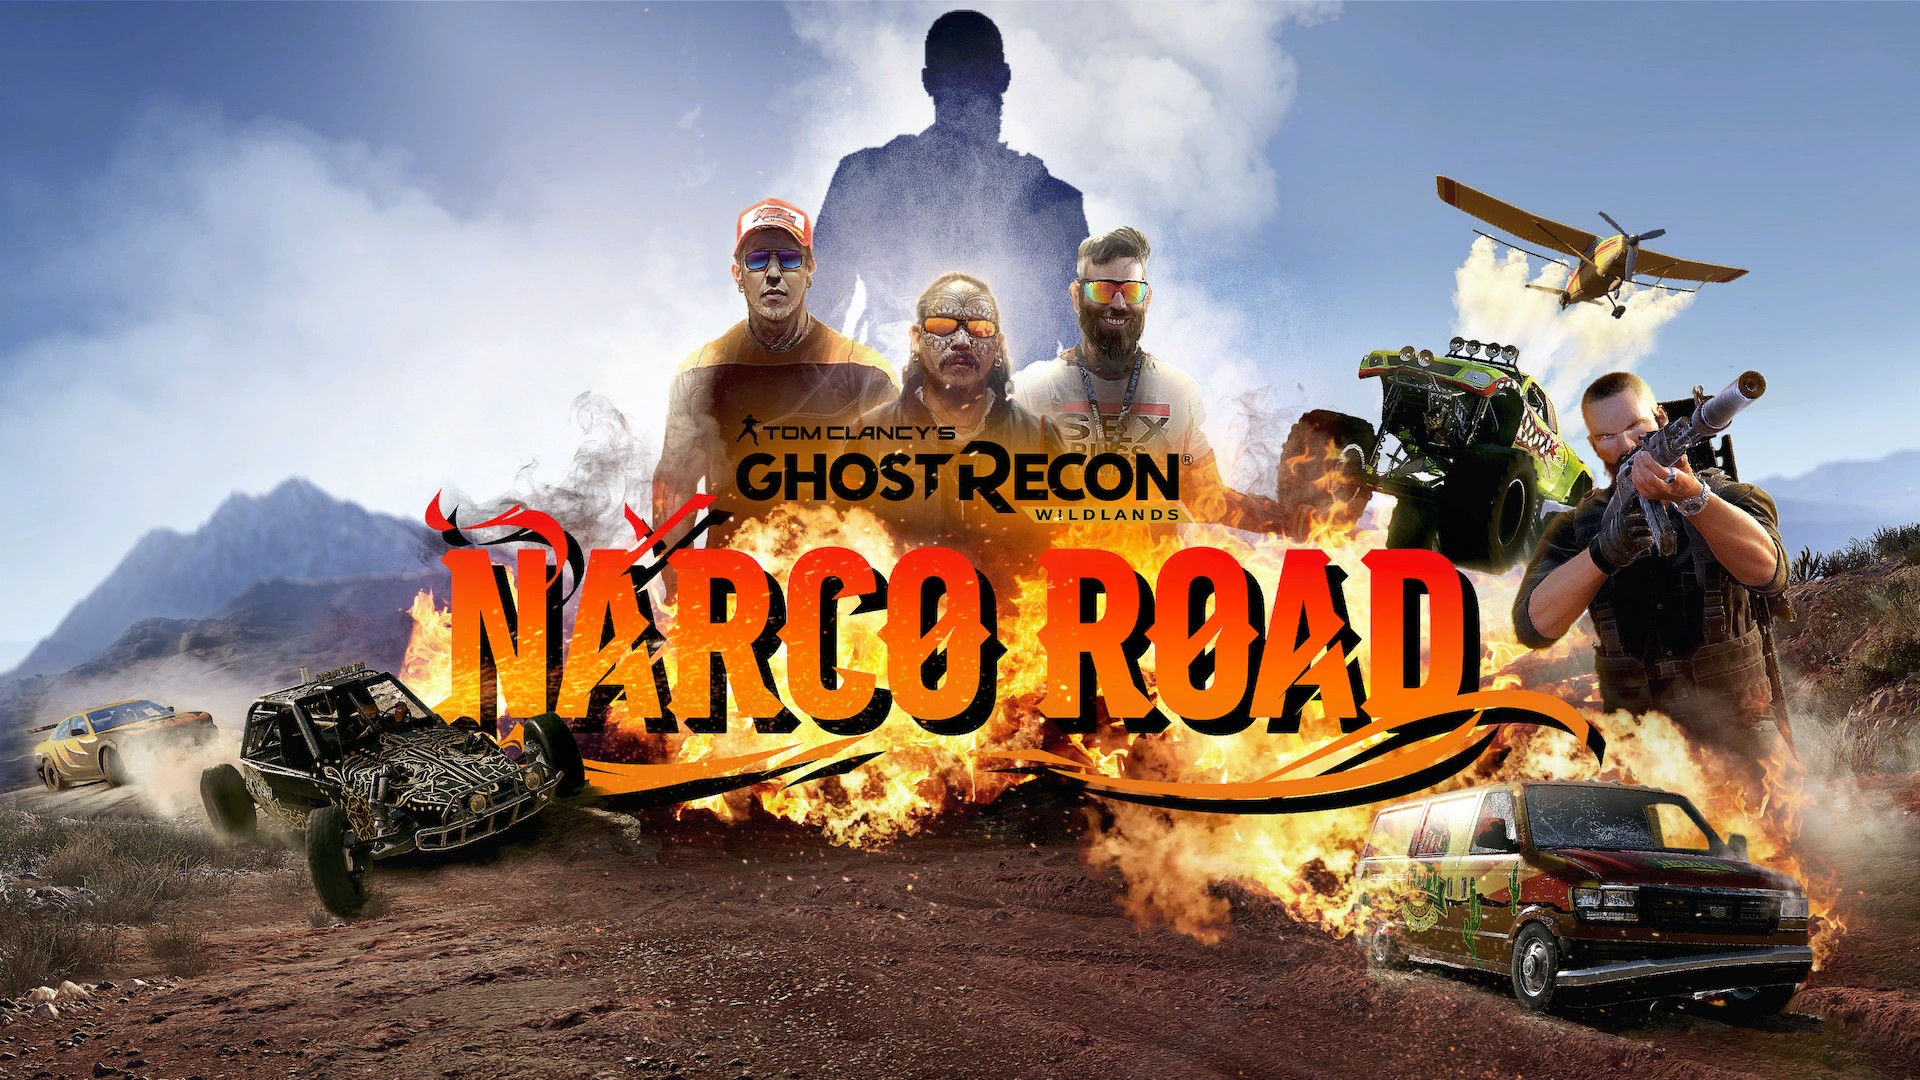 Ghost Recon Wildlands: Narco Road